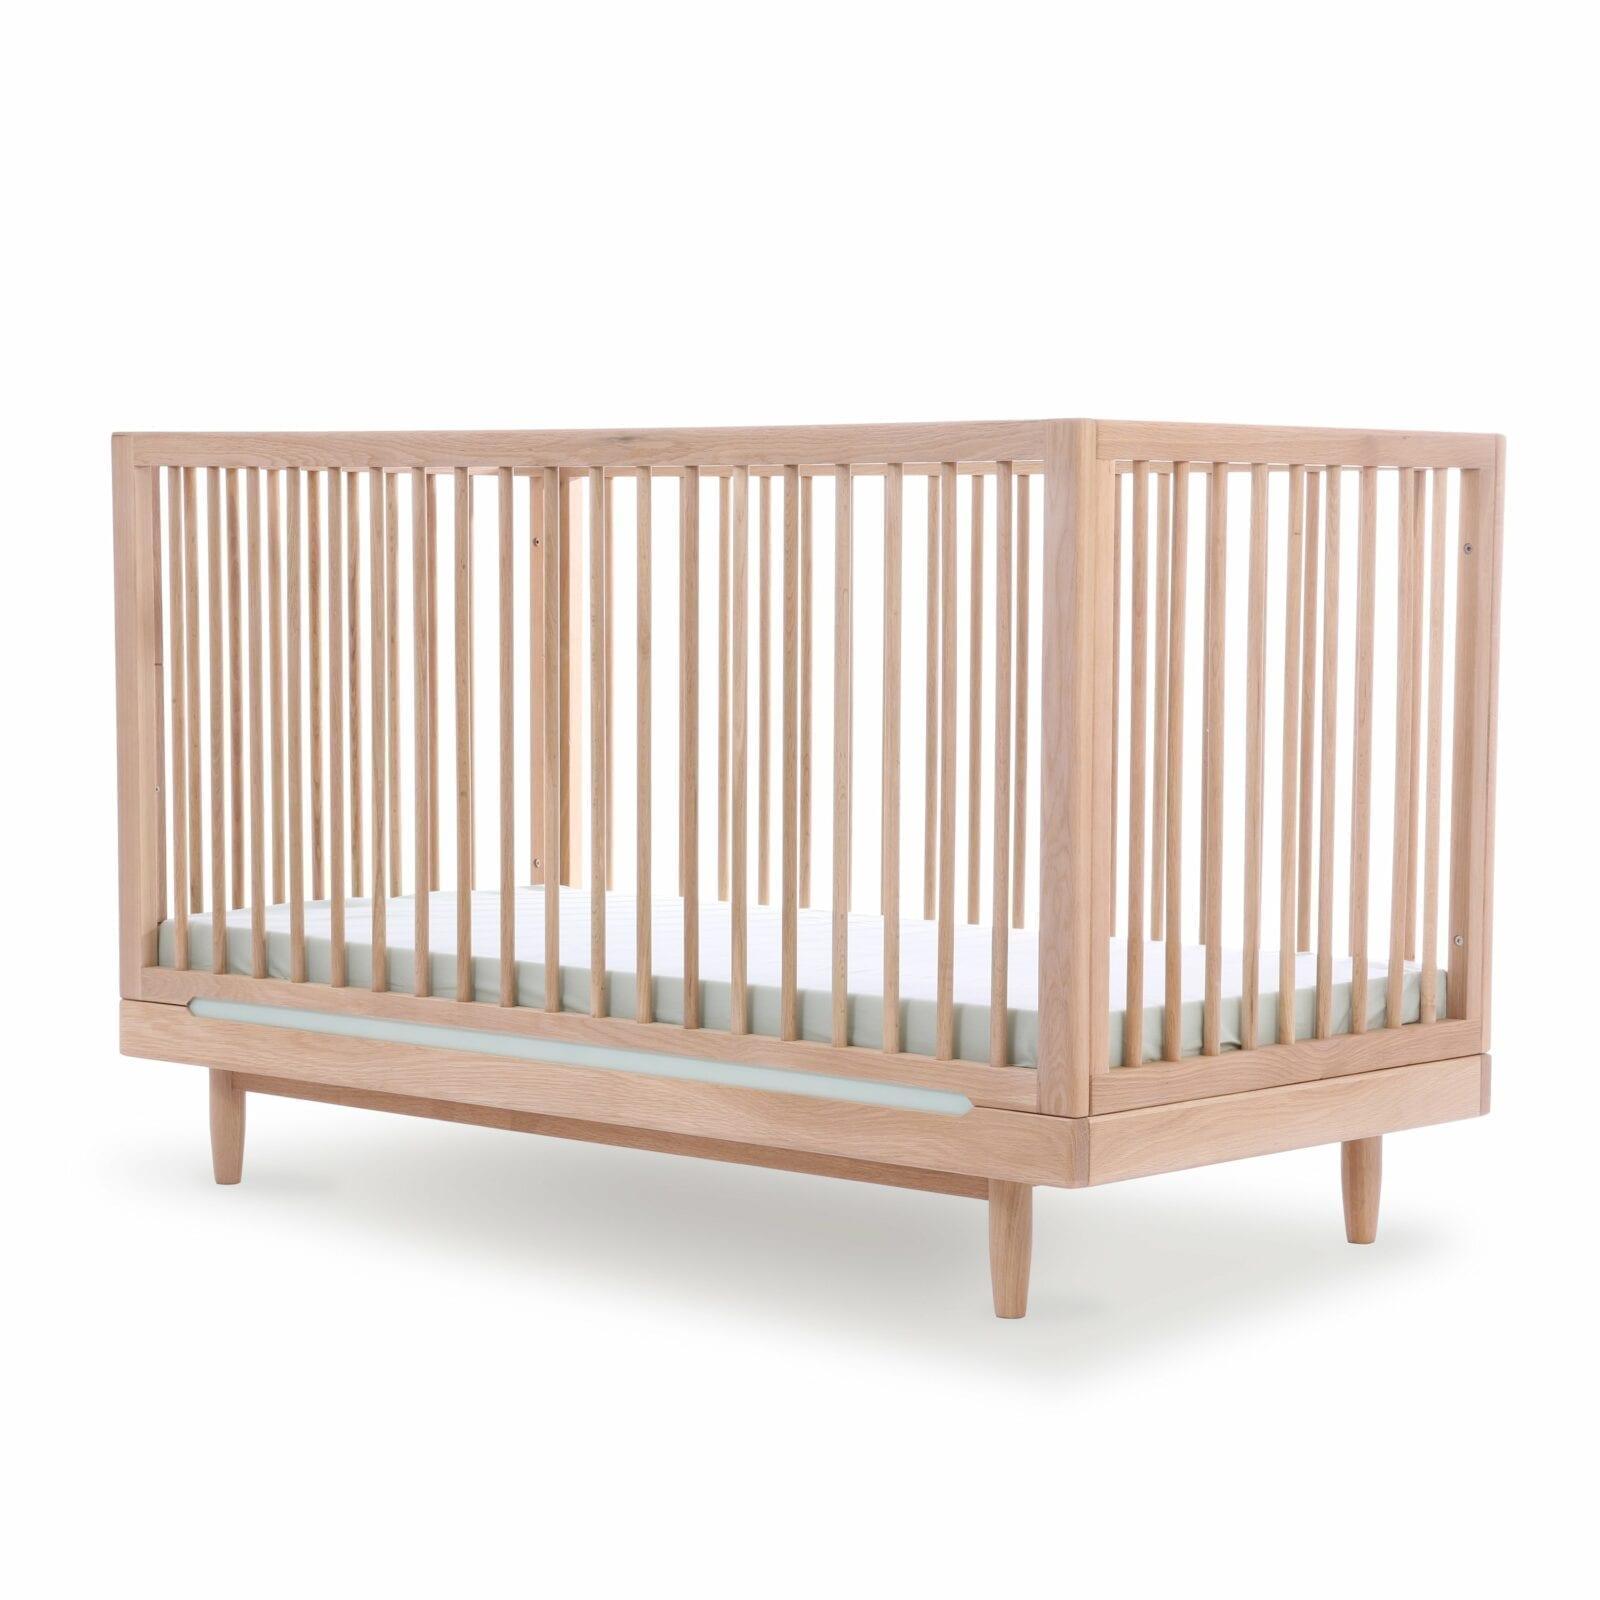 Nobodinoz – Eichenholz Evolutionäres Babybett – Pure – 70 x 140 cm